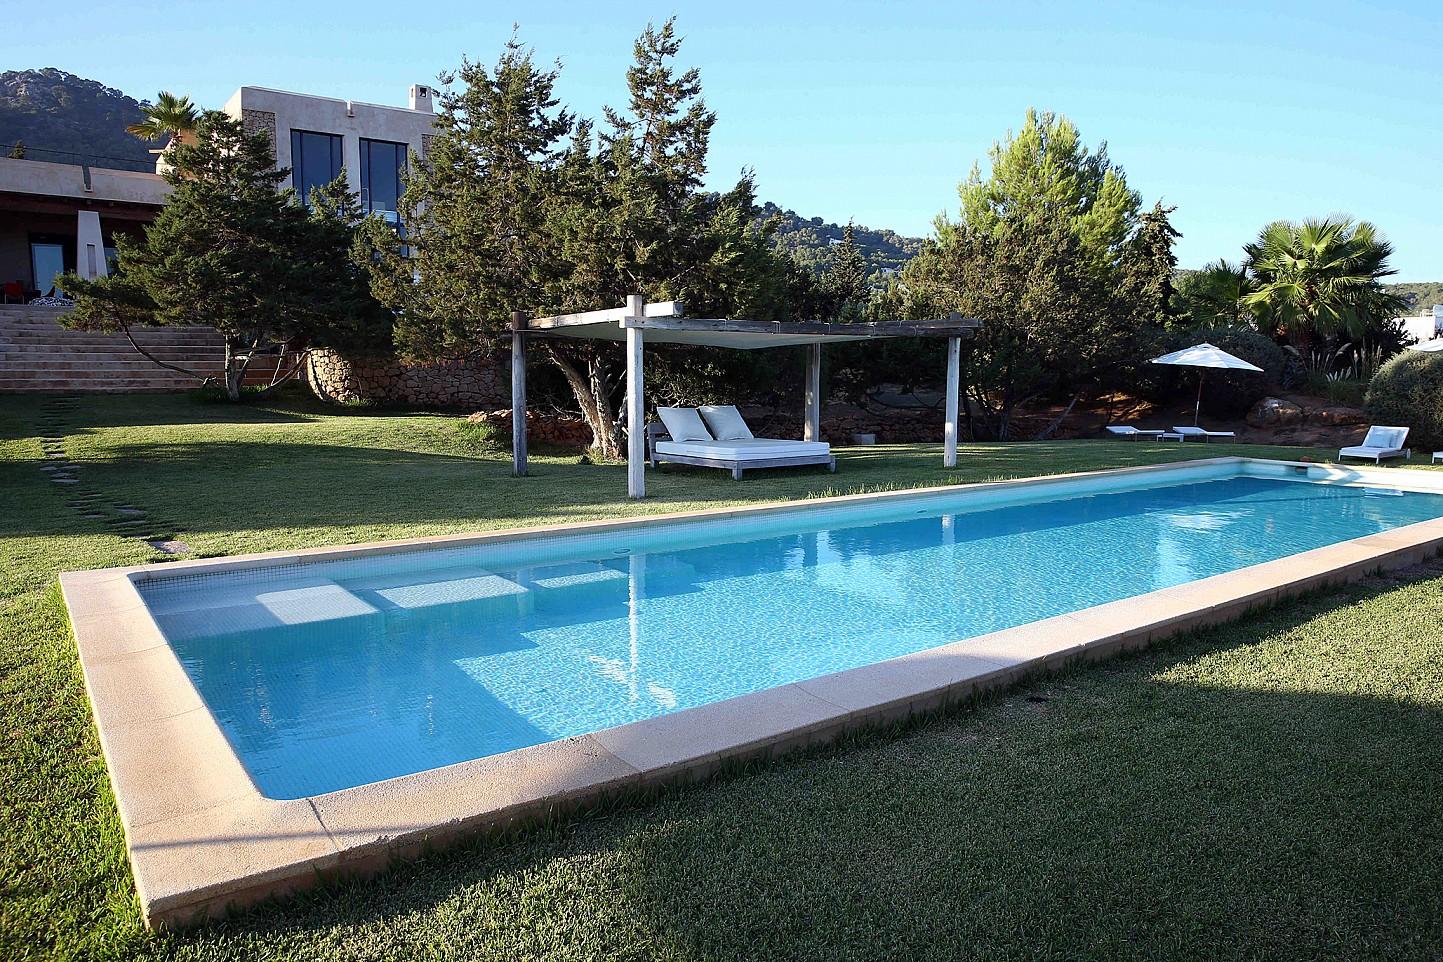 Fantàstica piscina amb un llit exterior